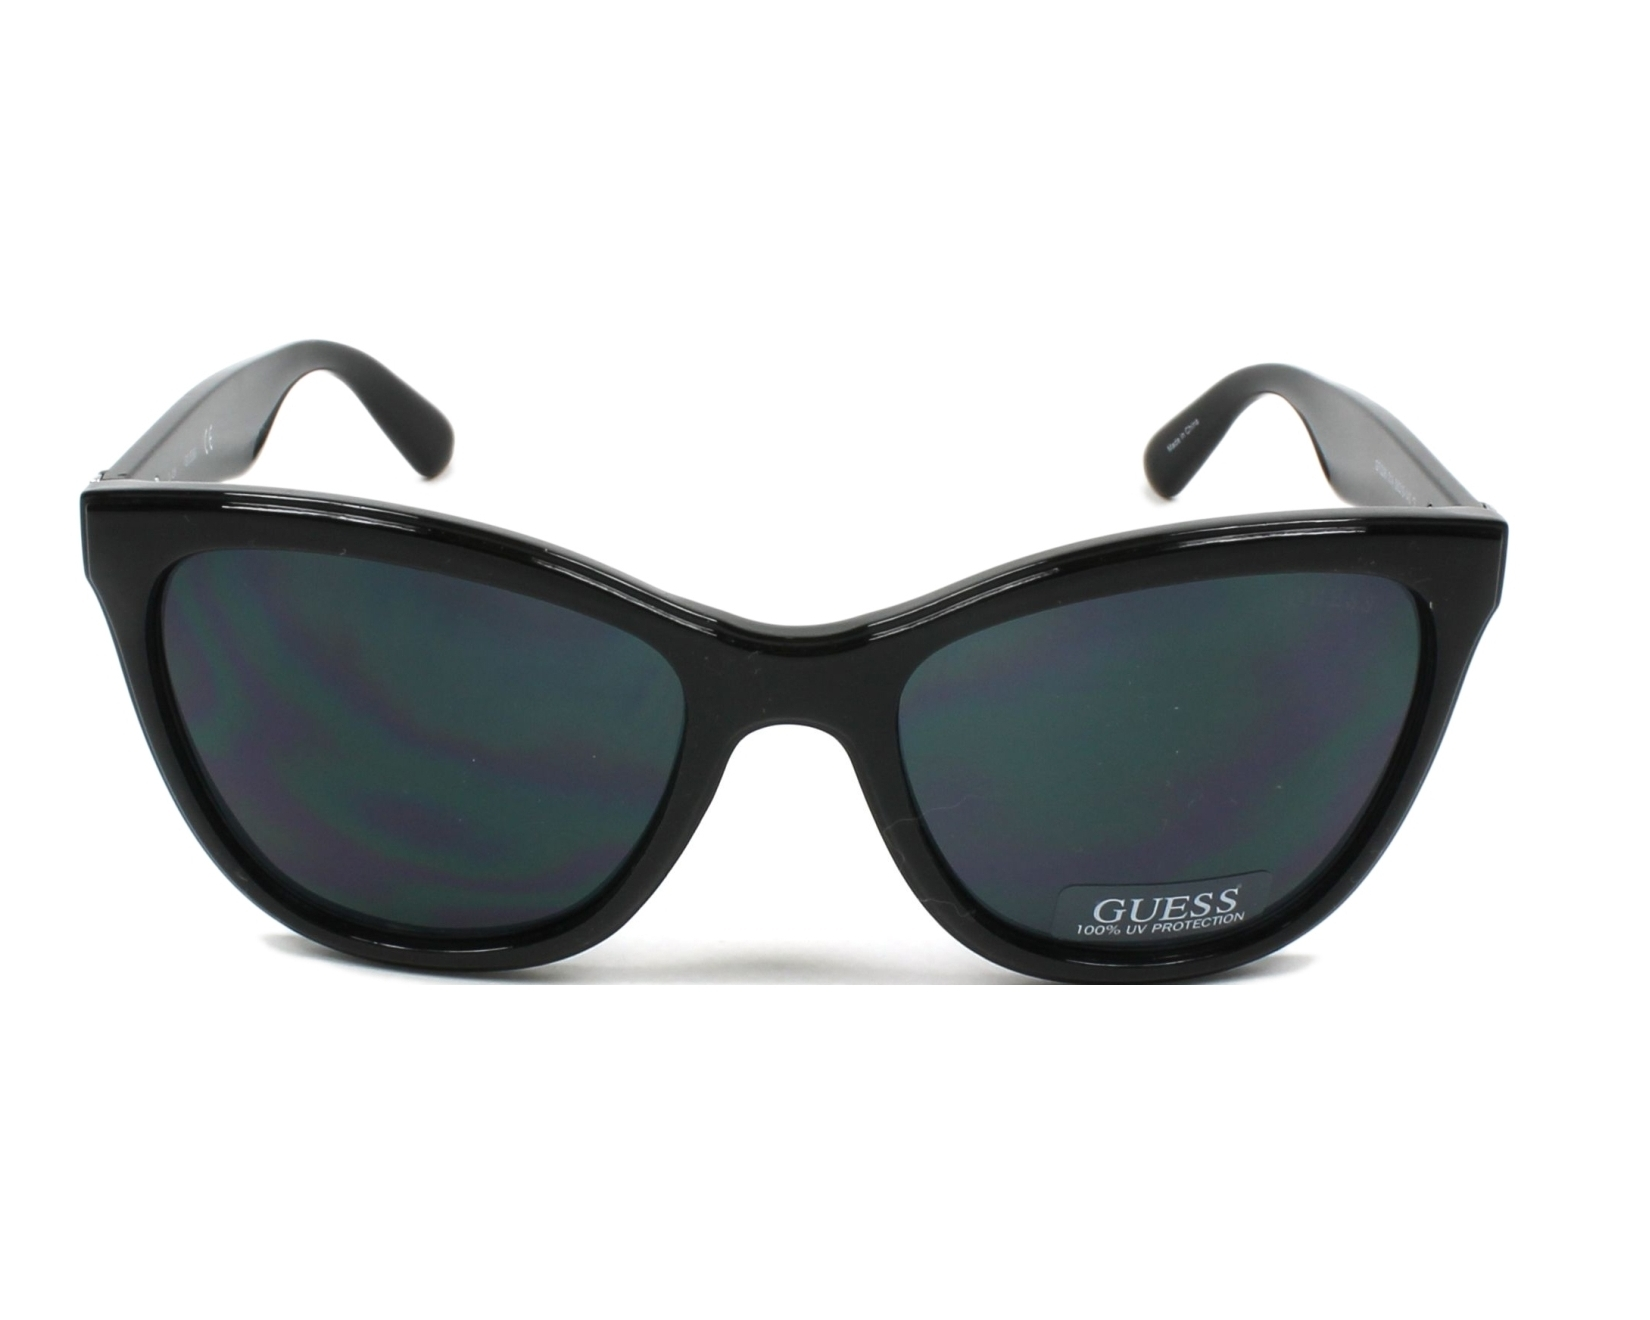 Guess Sonnenbrillen GF0296 01A wFHZrs